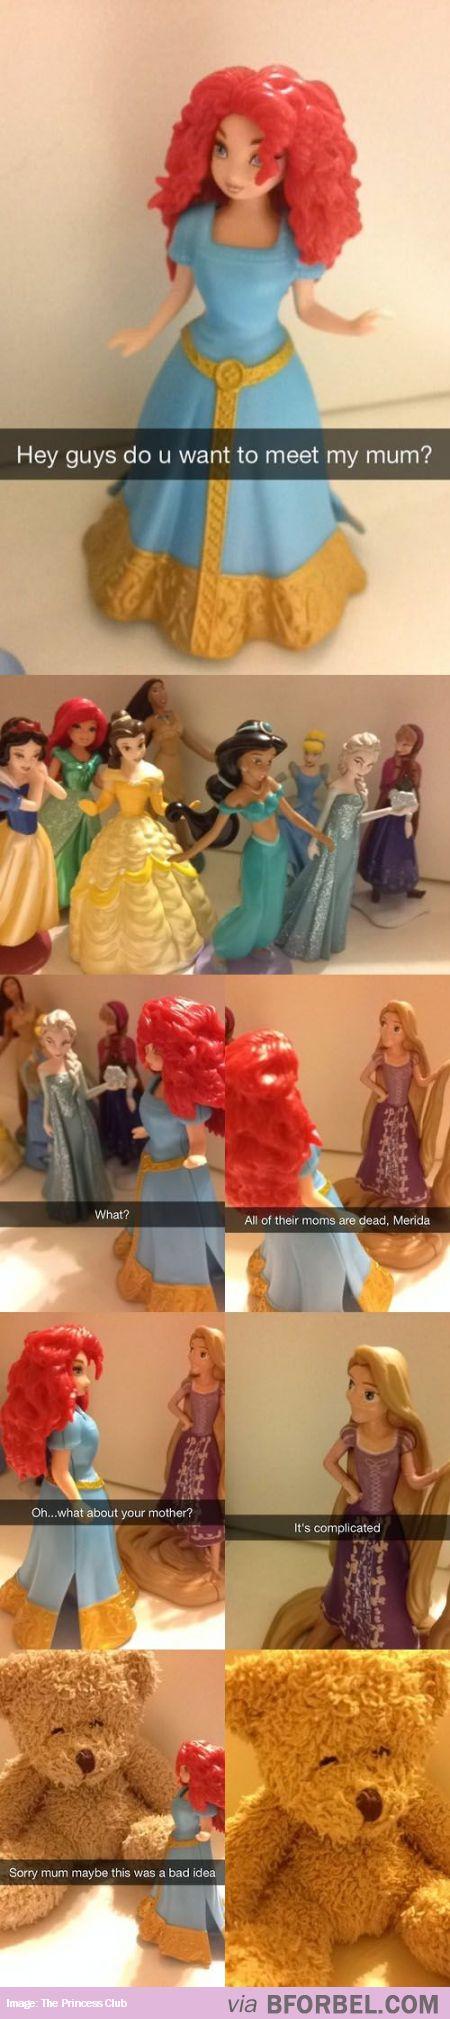 Disney hates mothers.